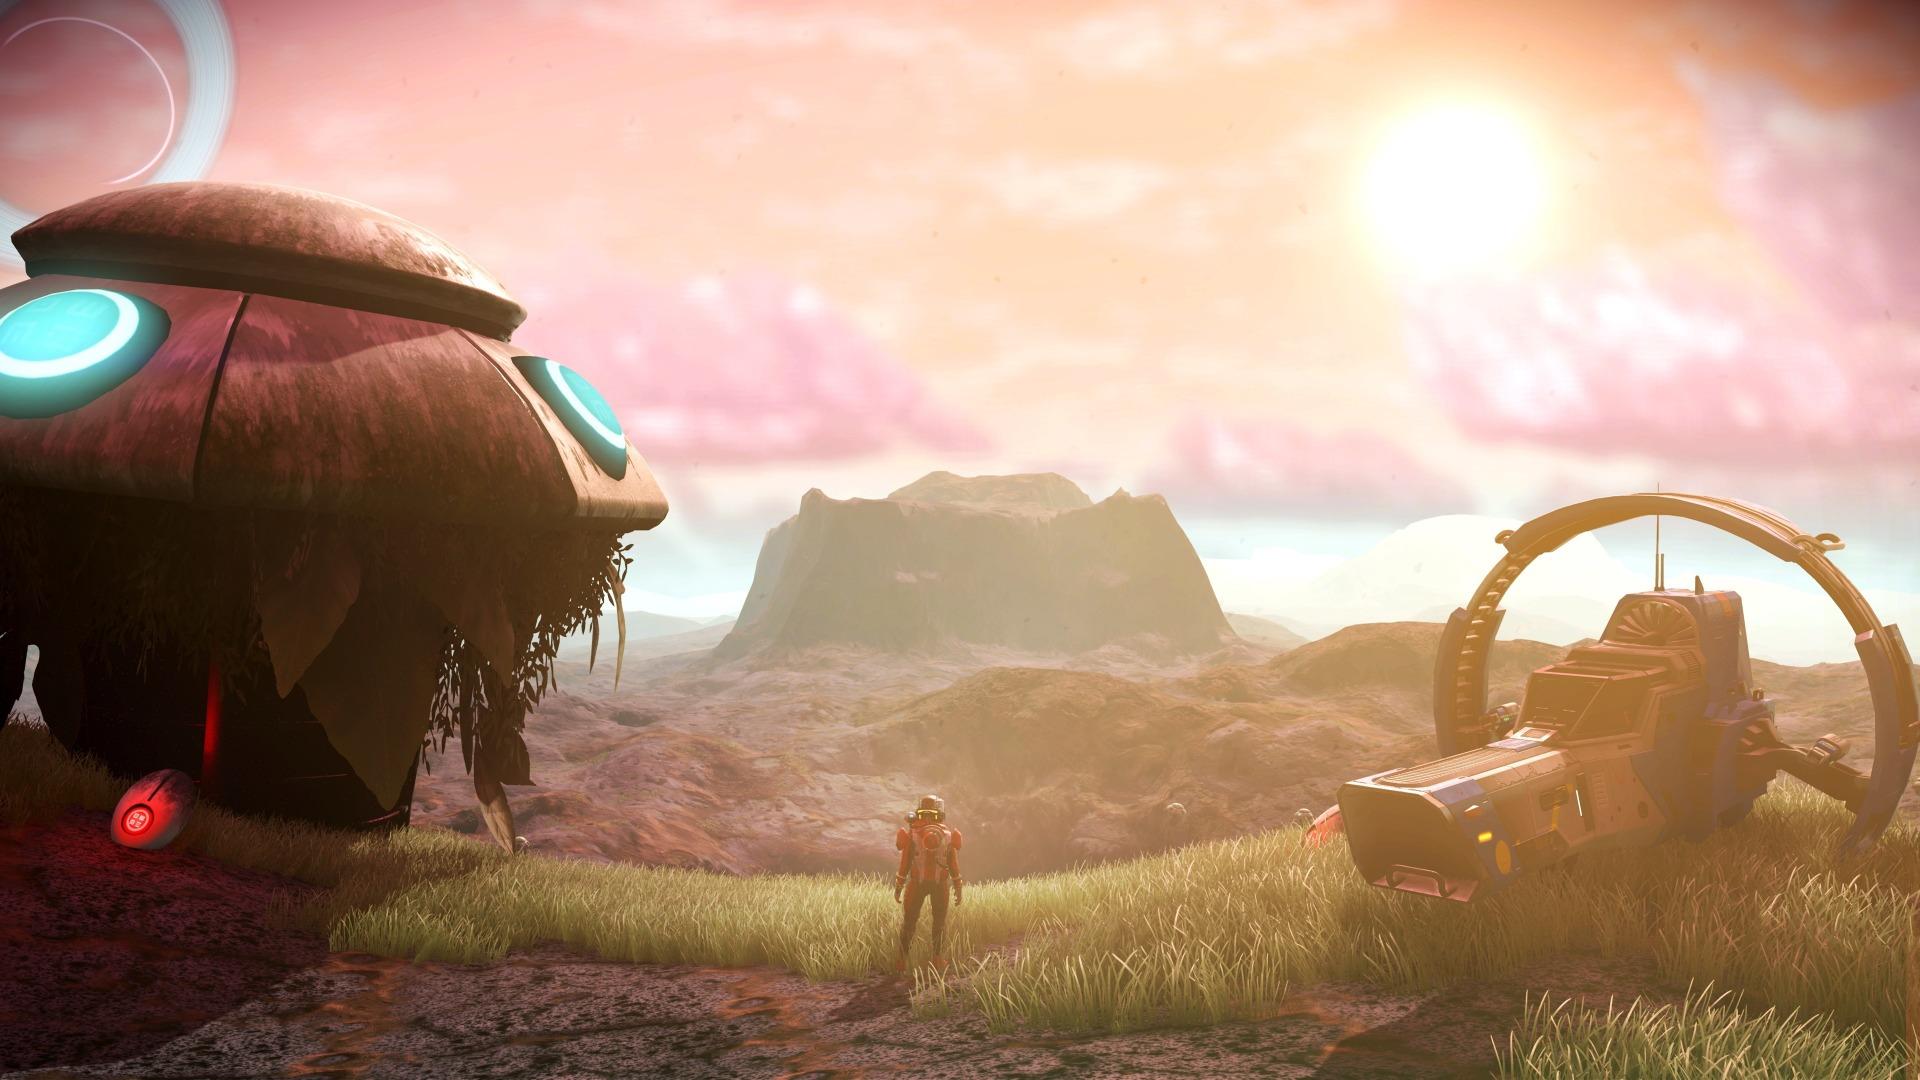 《无人深空》支持Vulkan接口 游戏性能得到显著提升